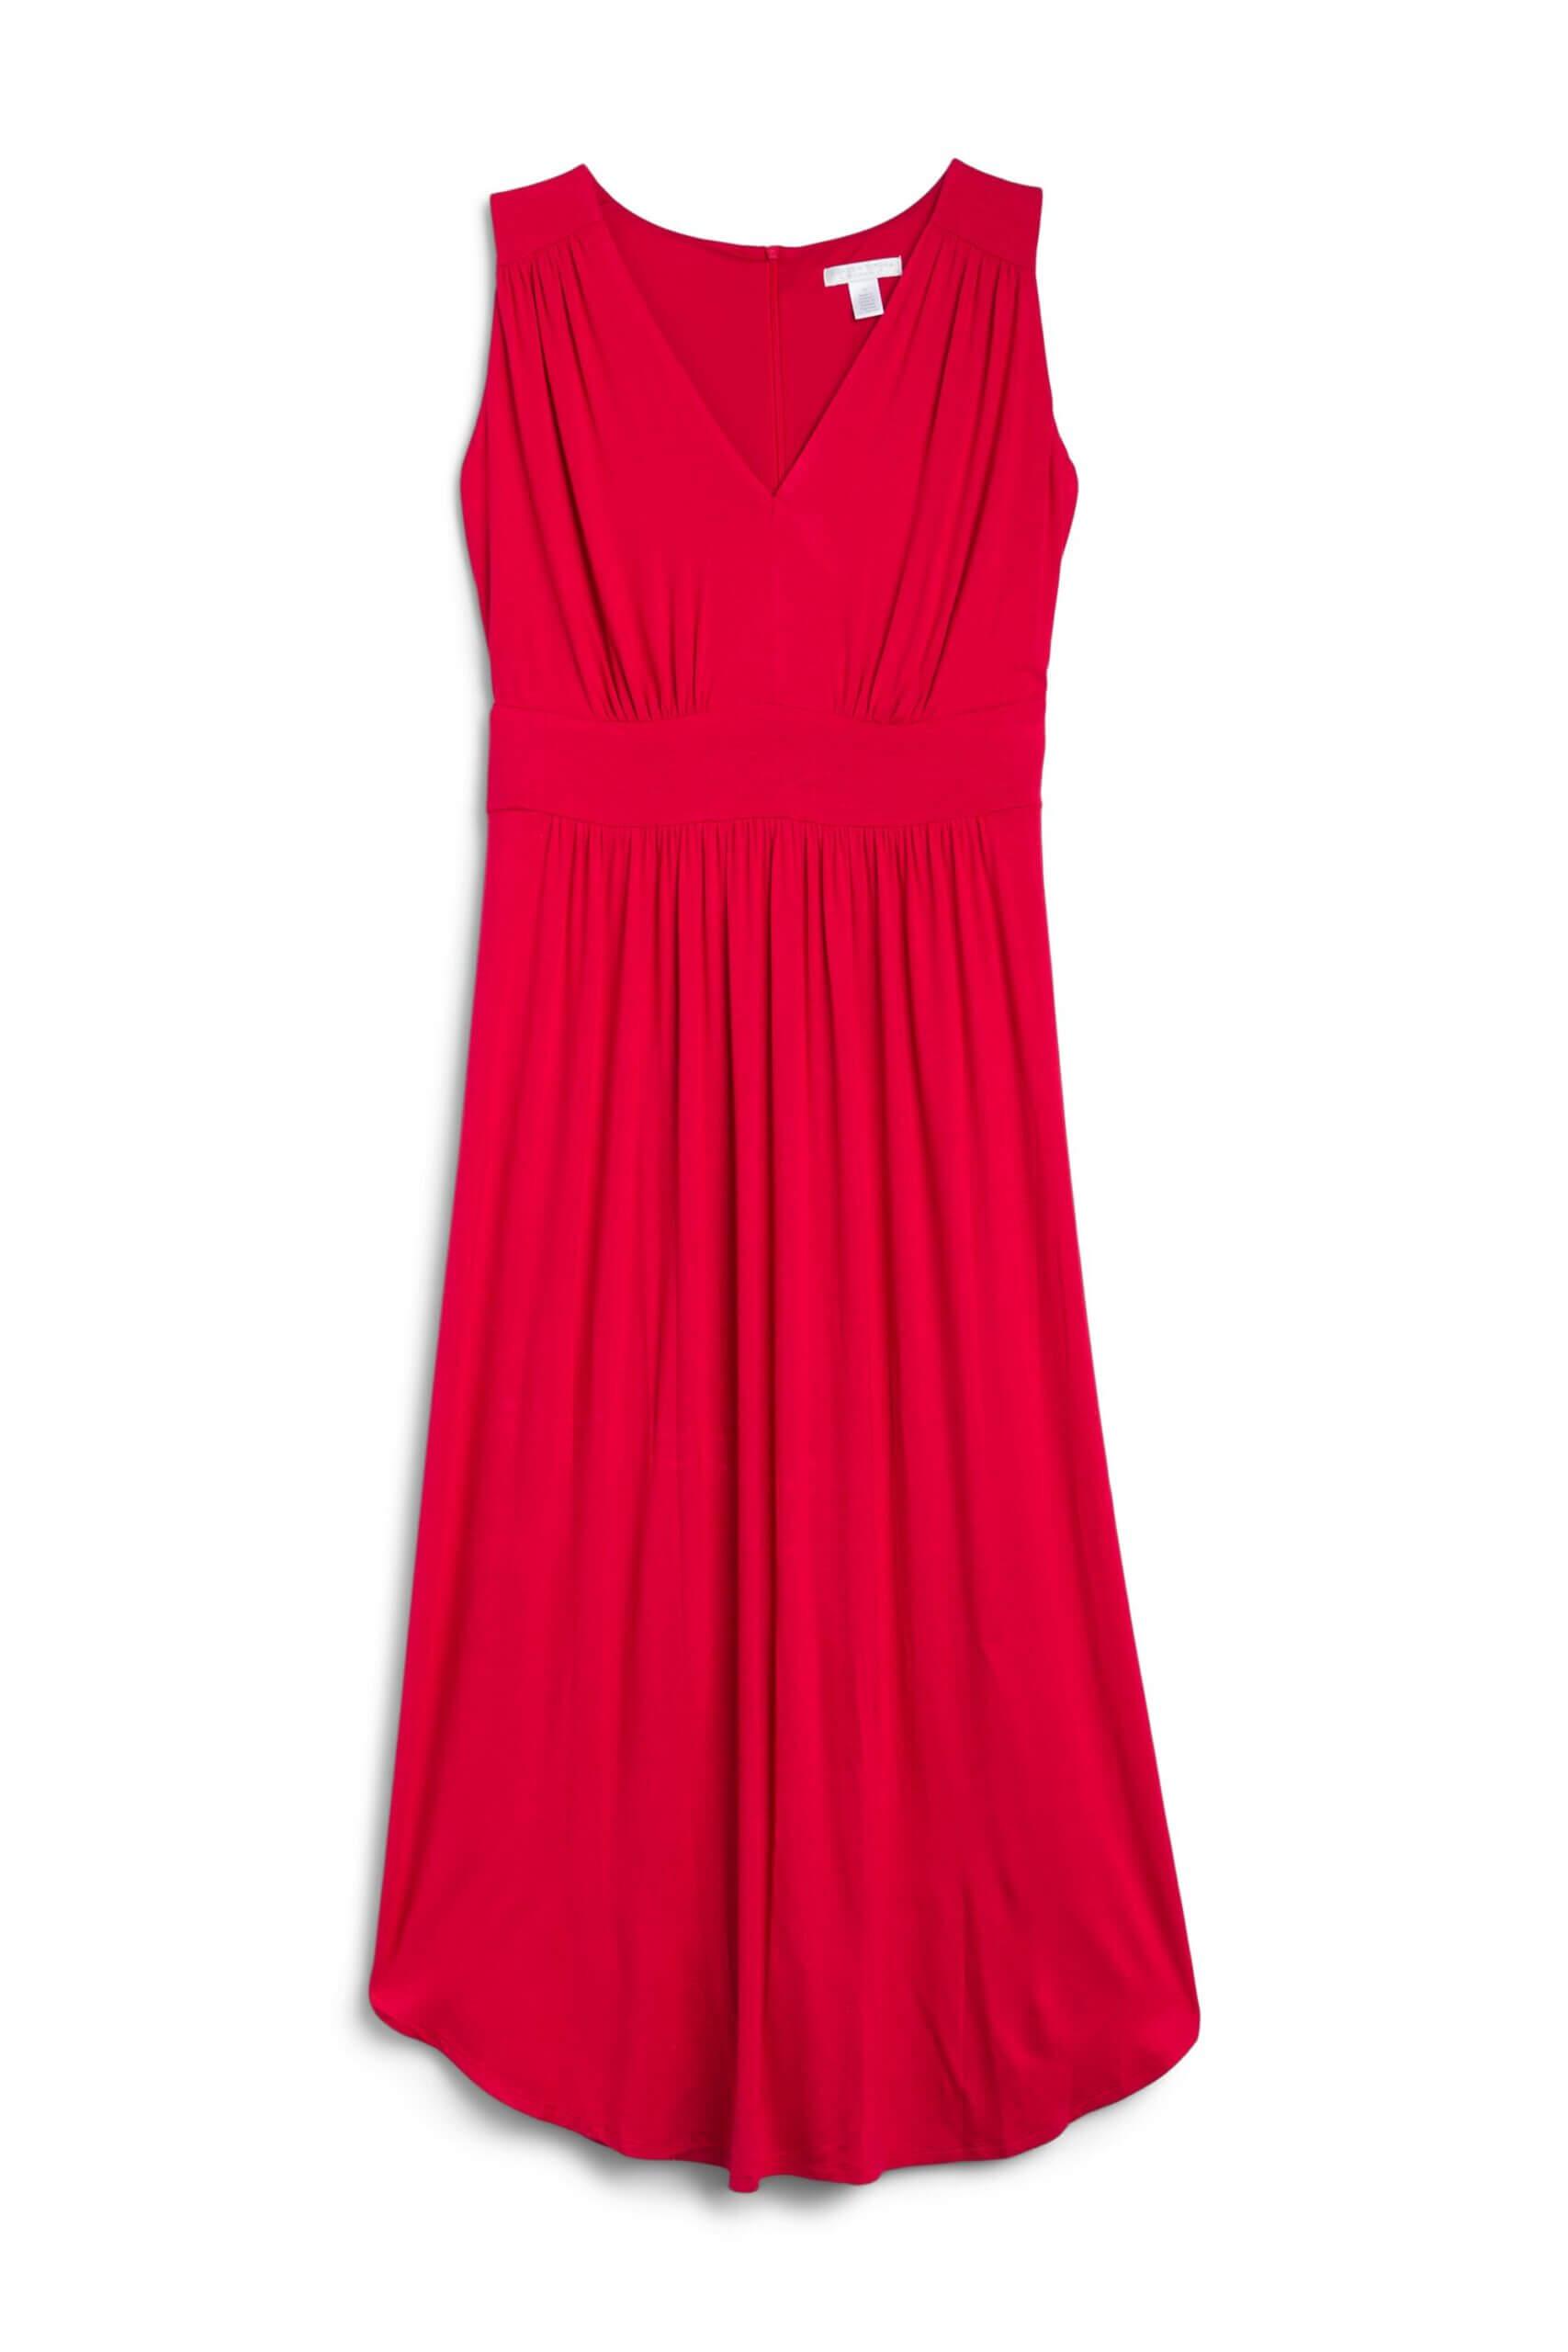 Stitch Fix women's red midi dress.